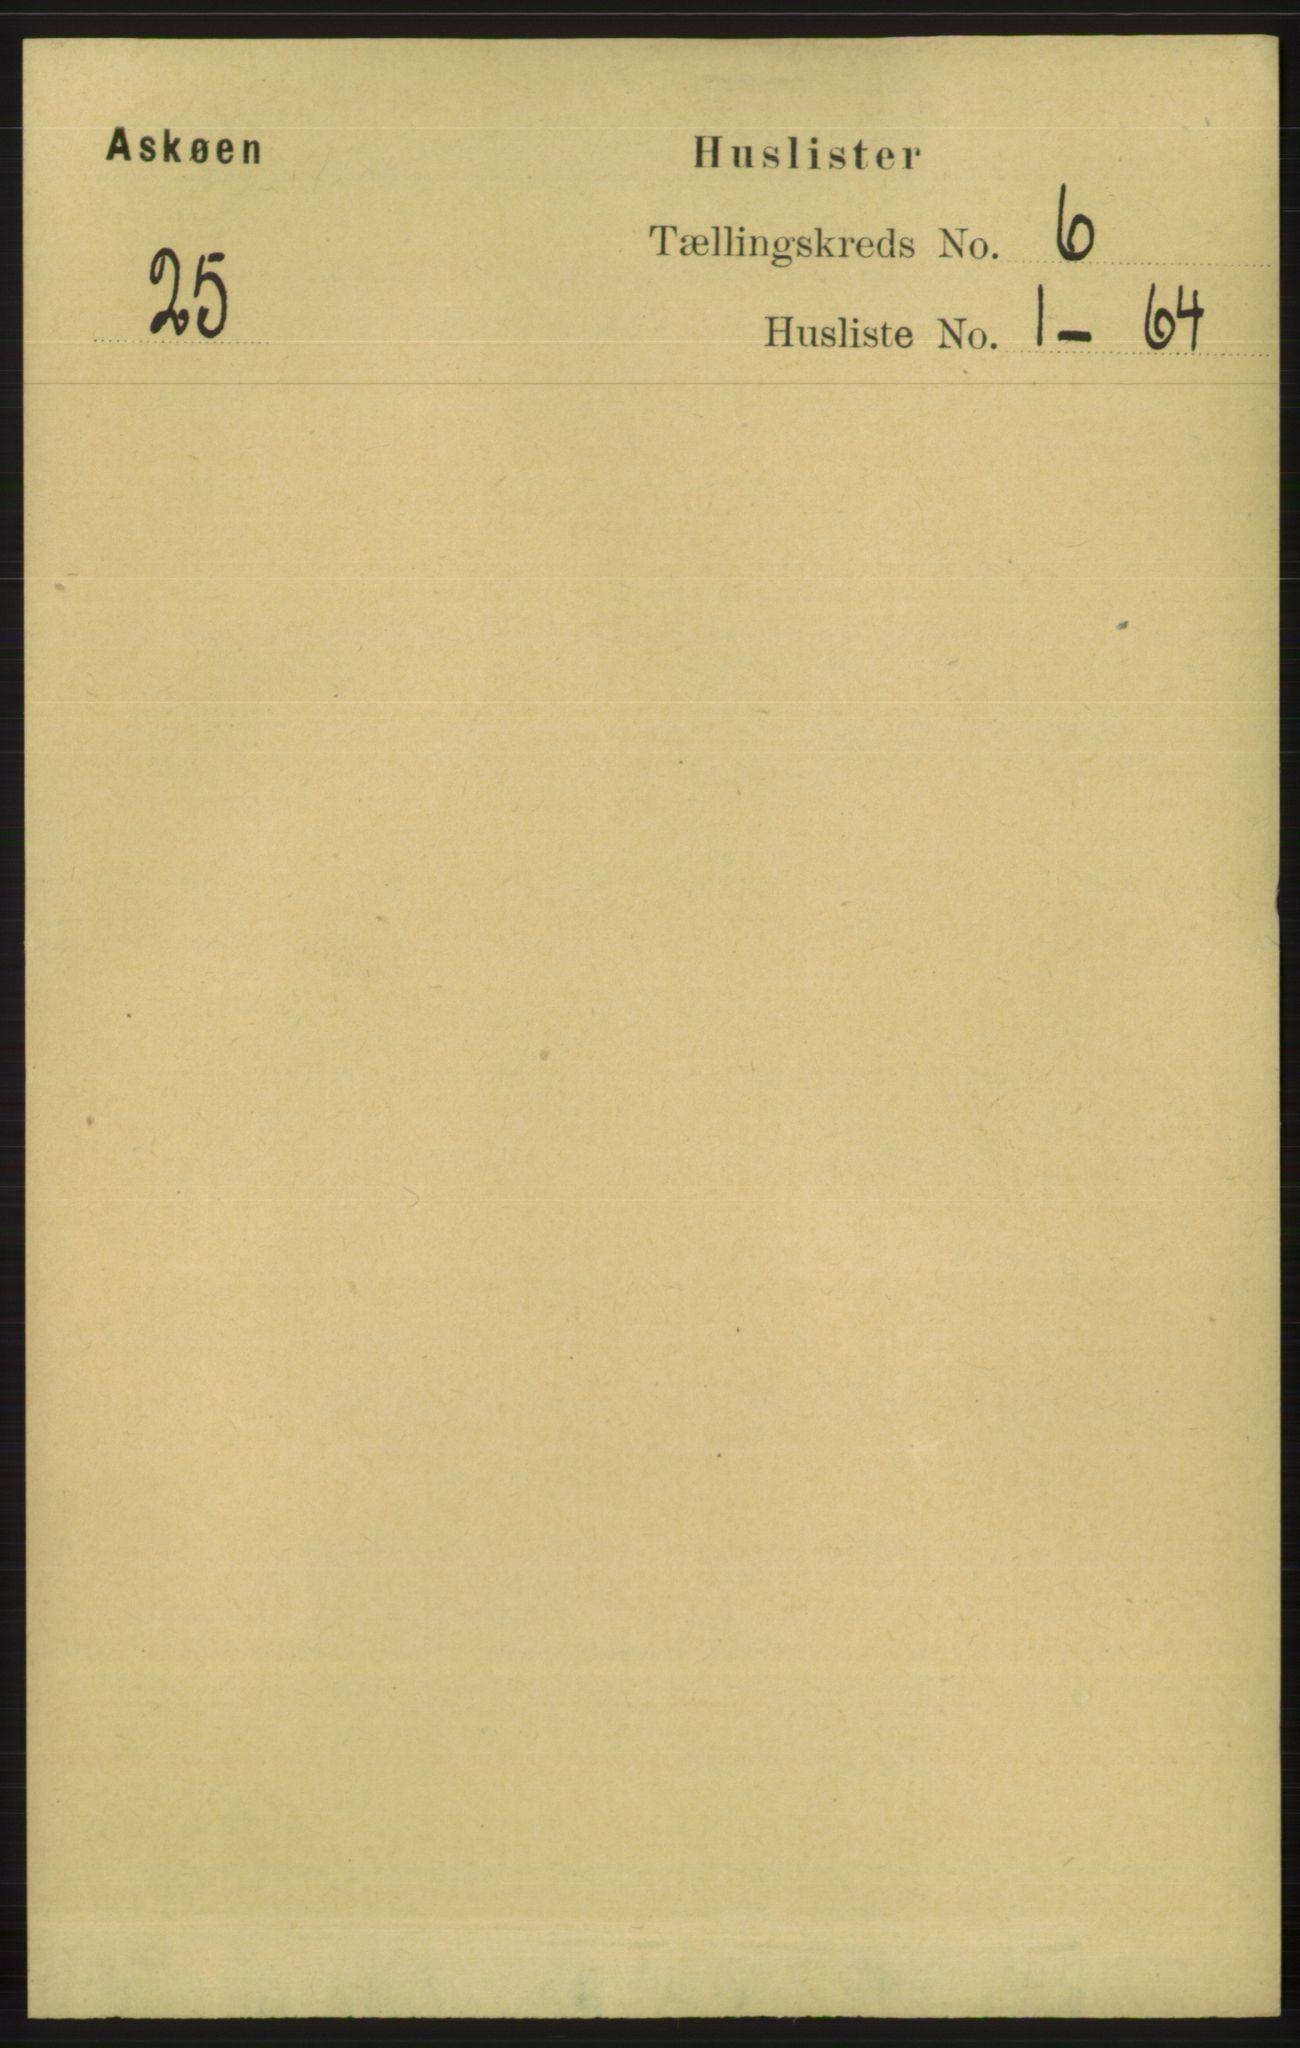 RA, Folketelling 1891 for 1247 Askøy herred, 1891, s. 3924